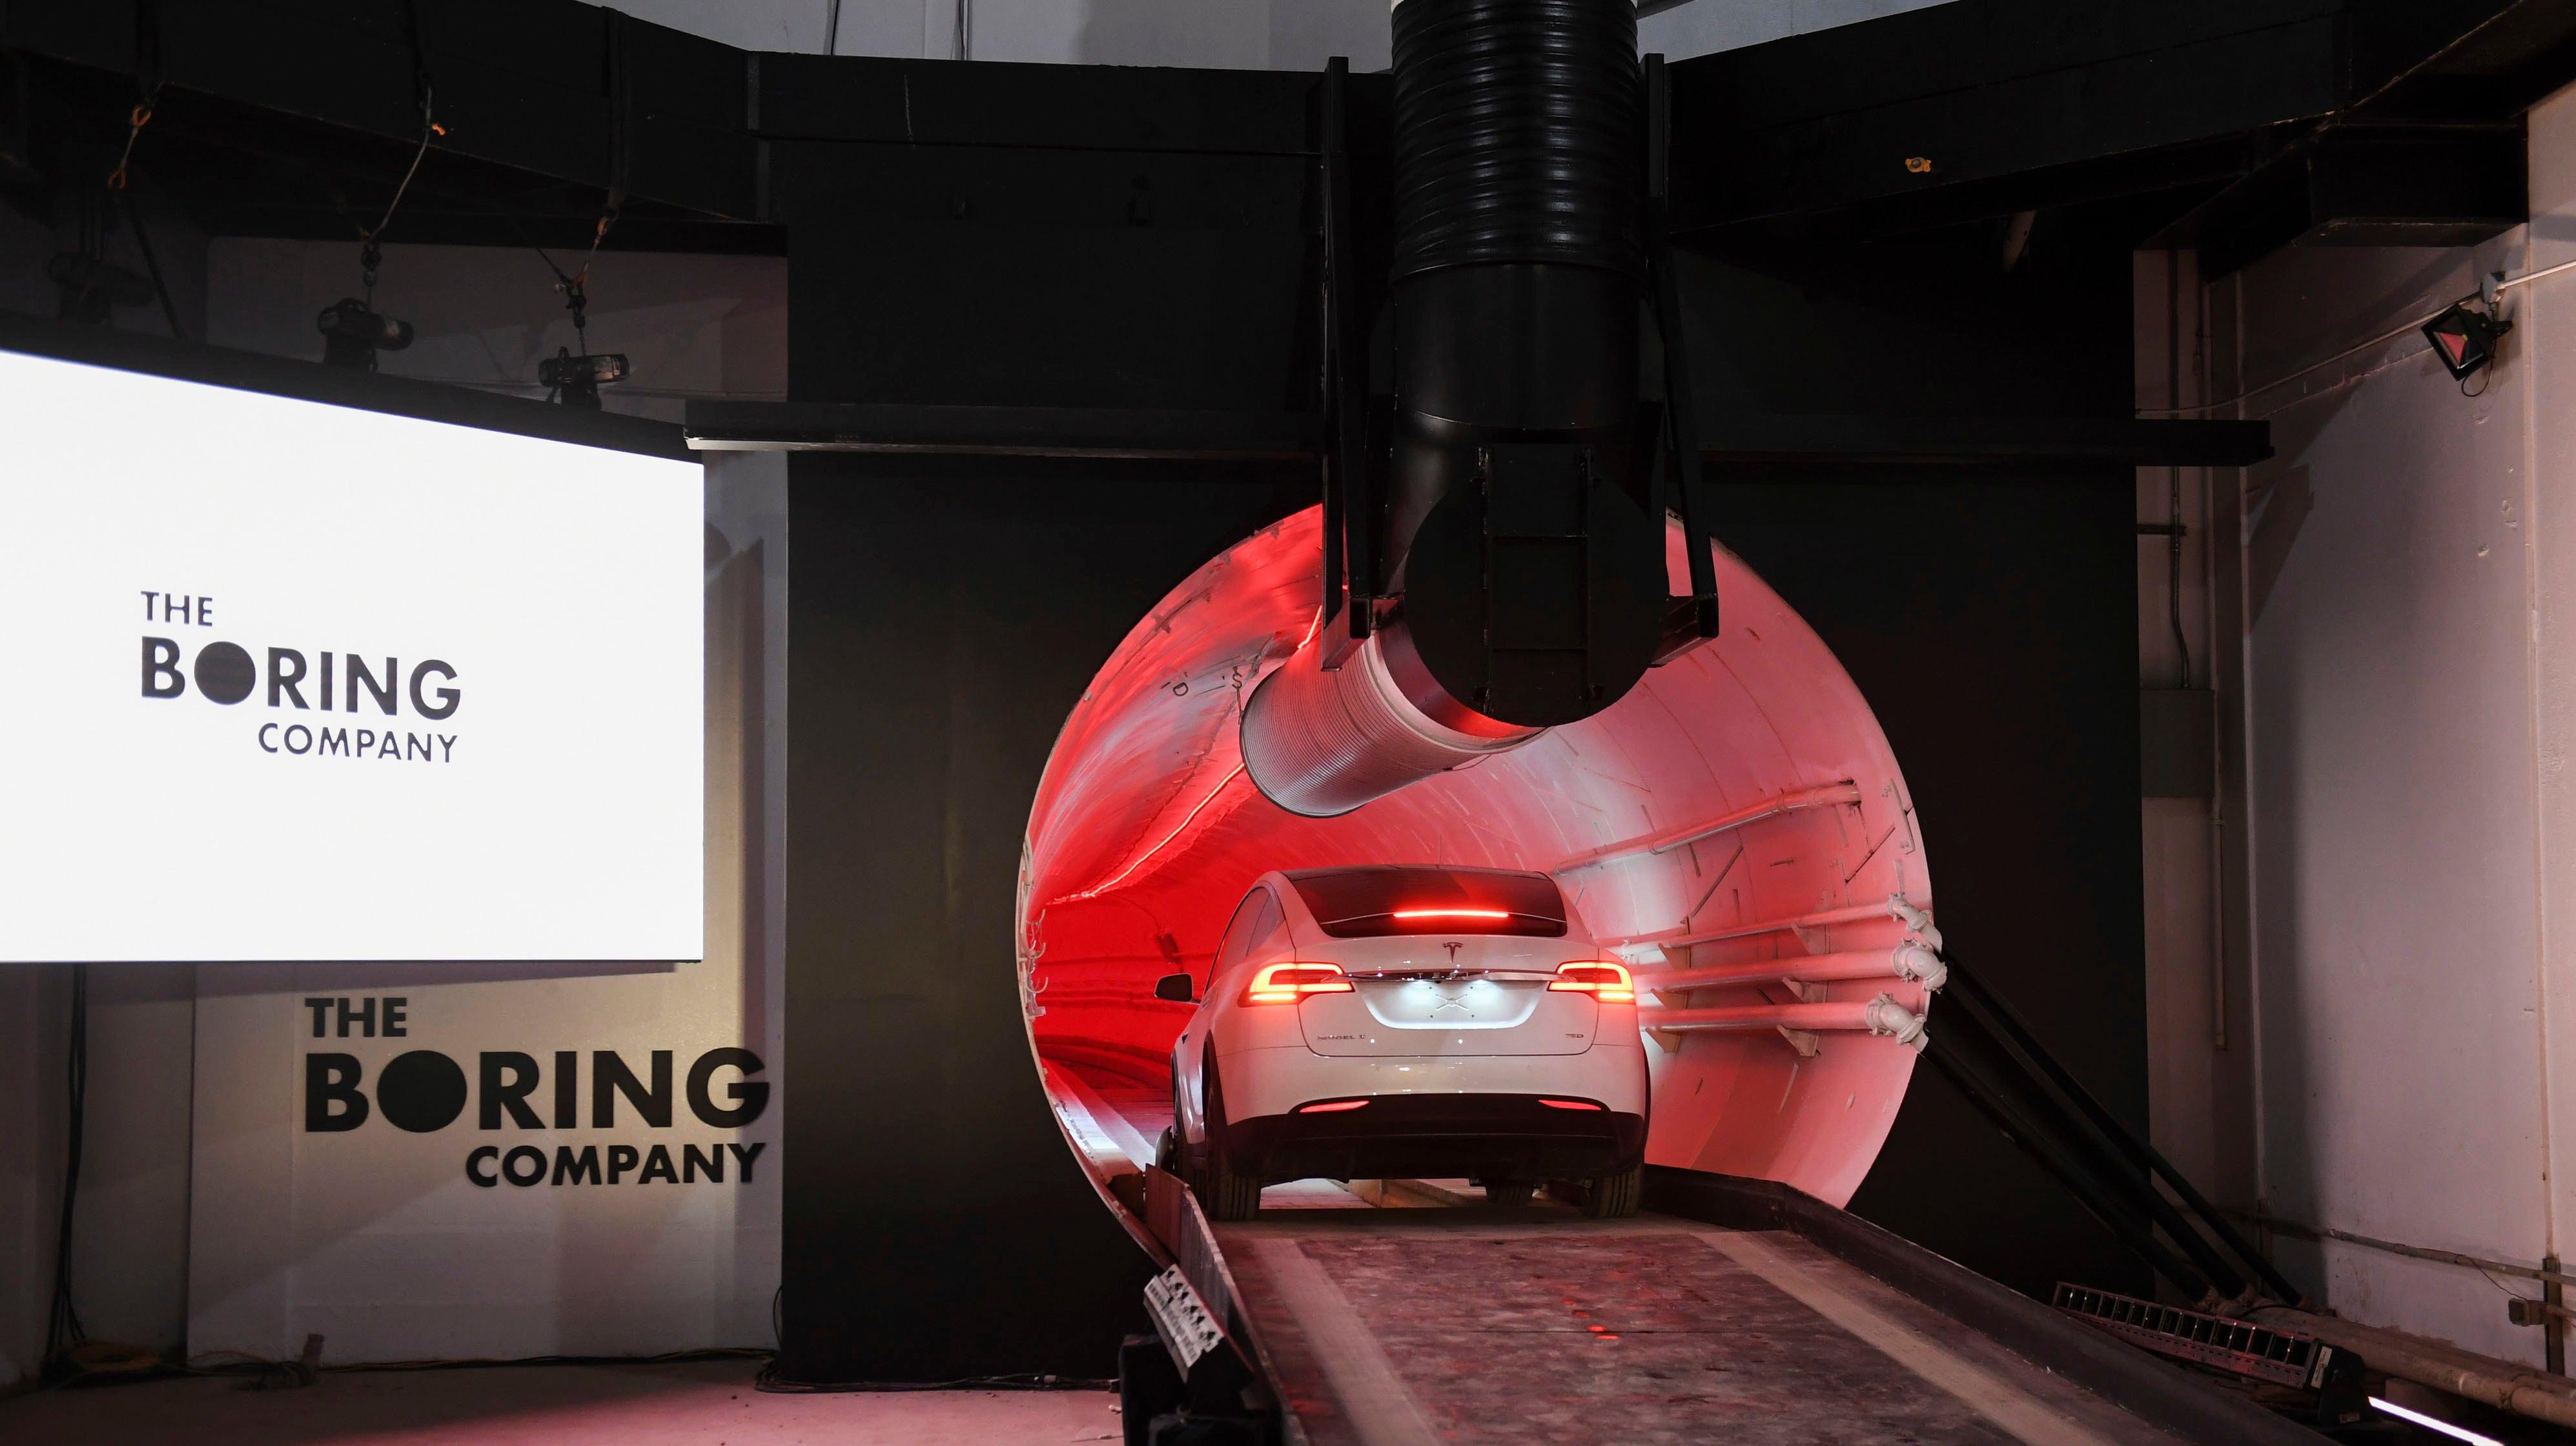 Elon Musk's Las Vegas Tunnel Kind Of Sucks?